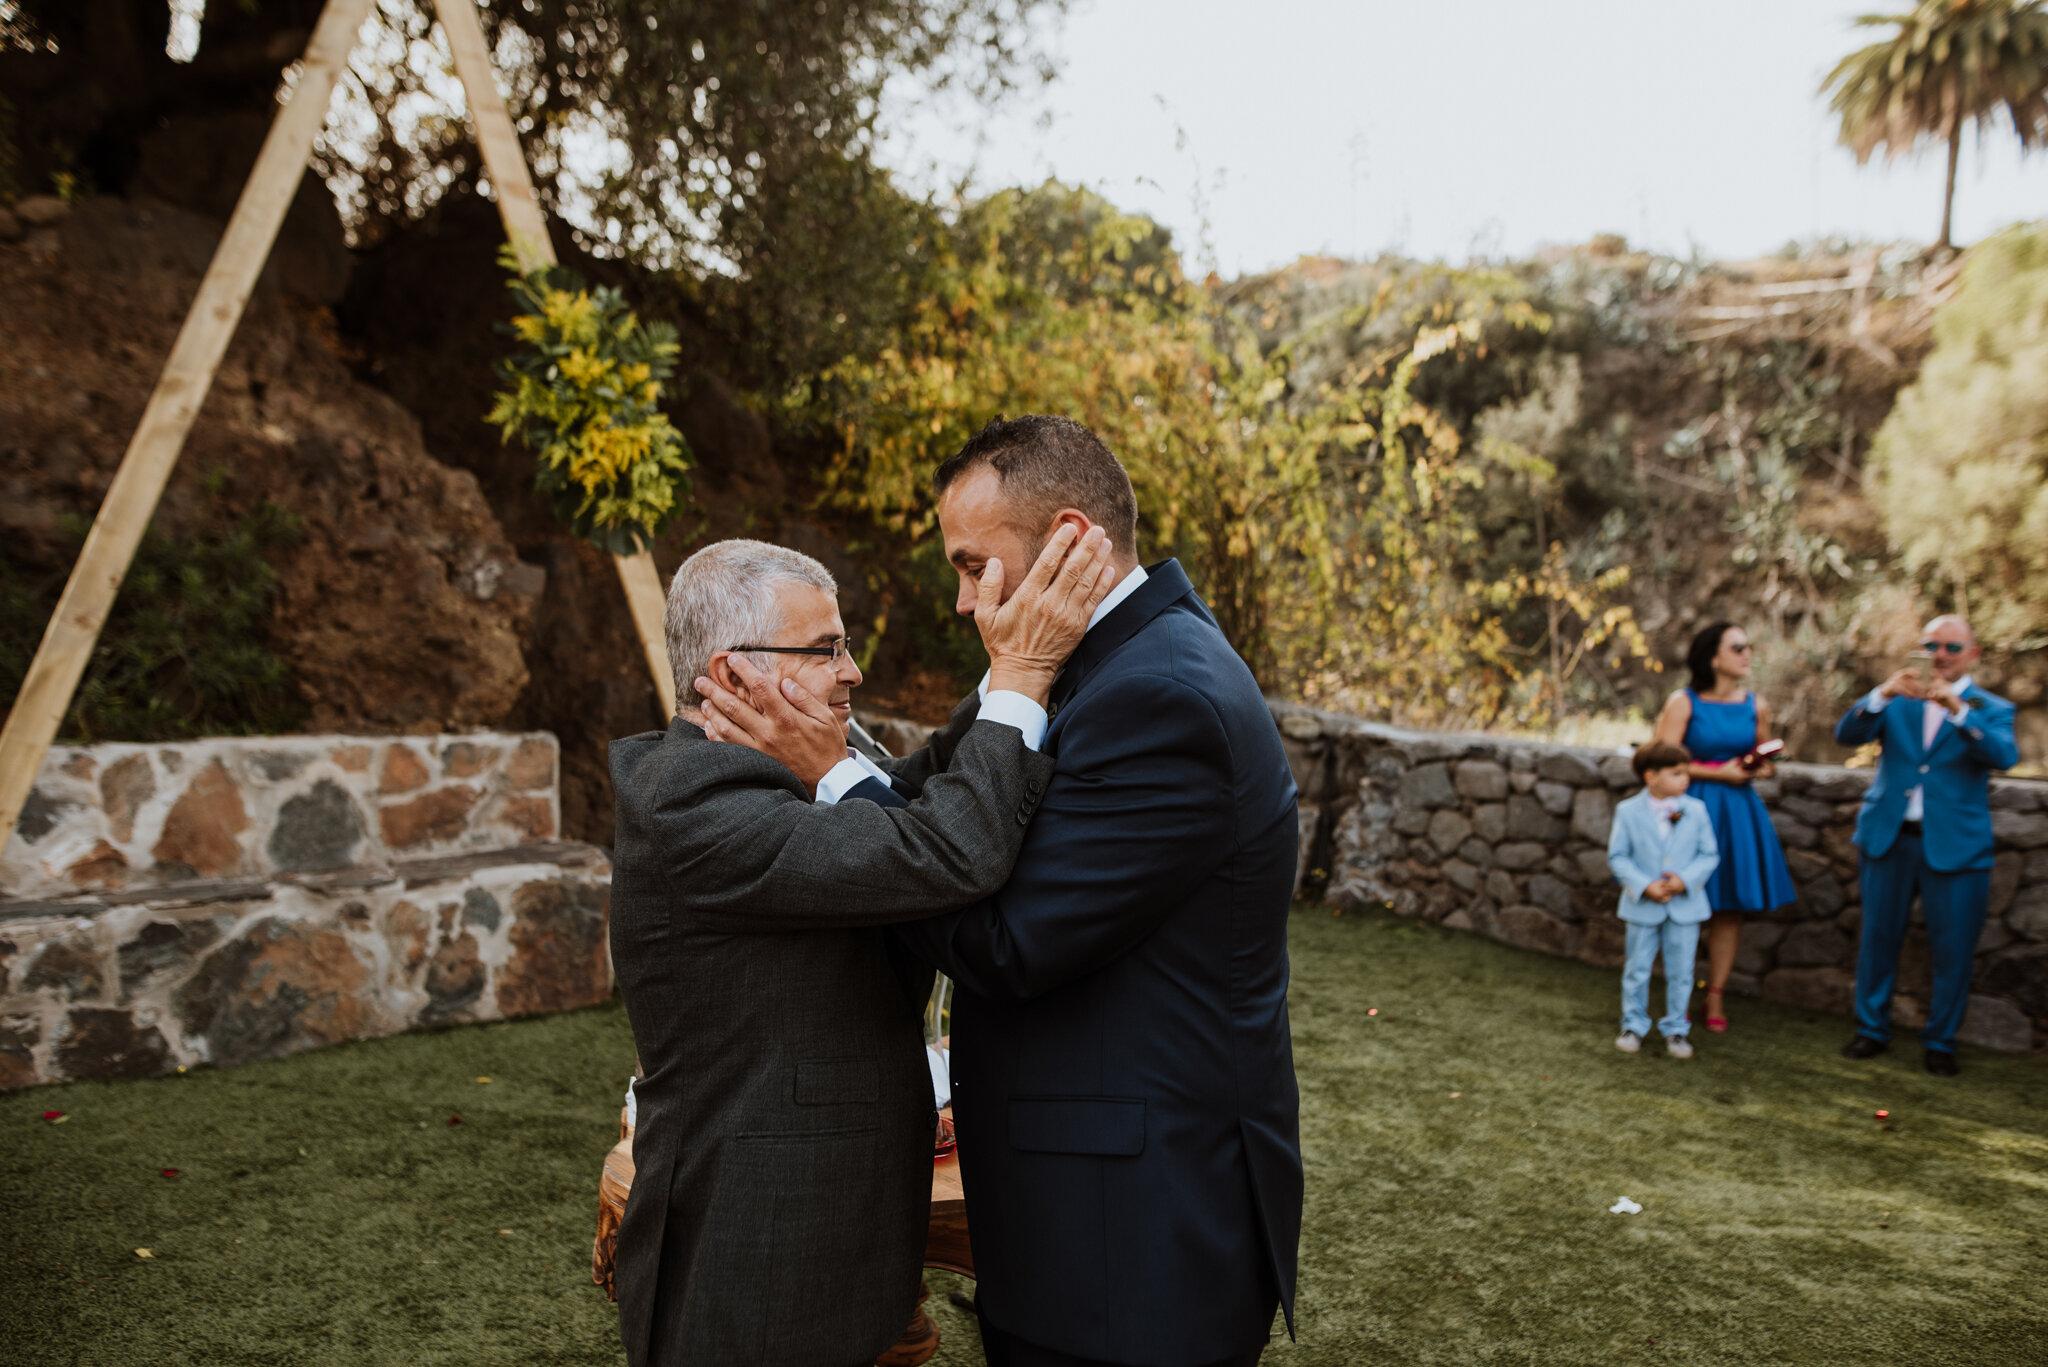 fotografo de bodas las palmas_-87.jpg